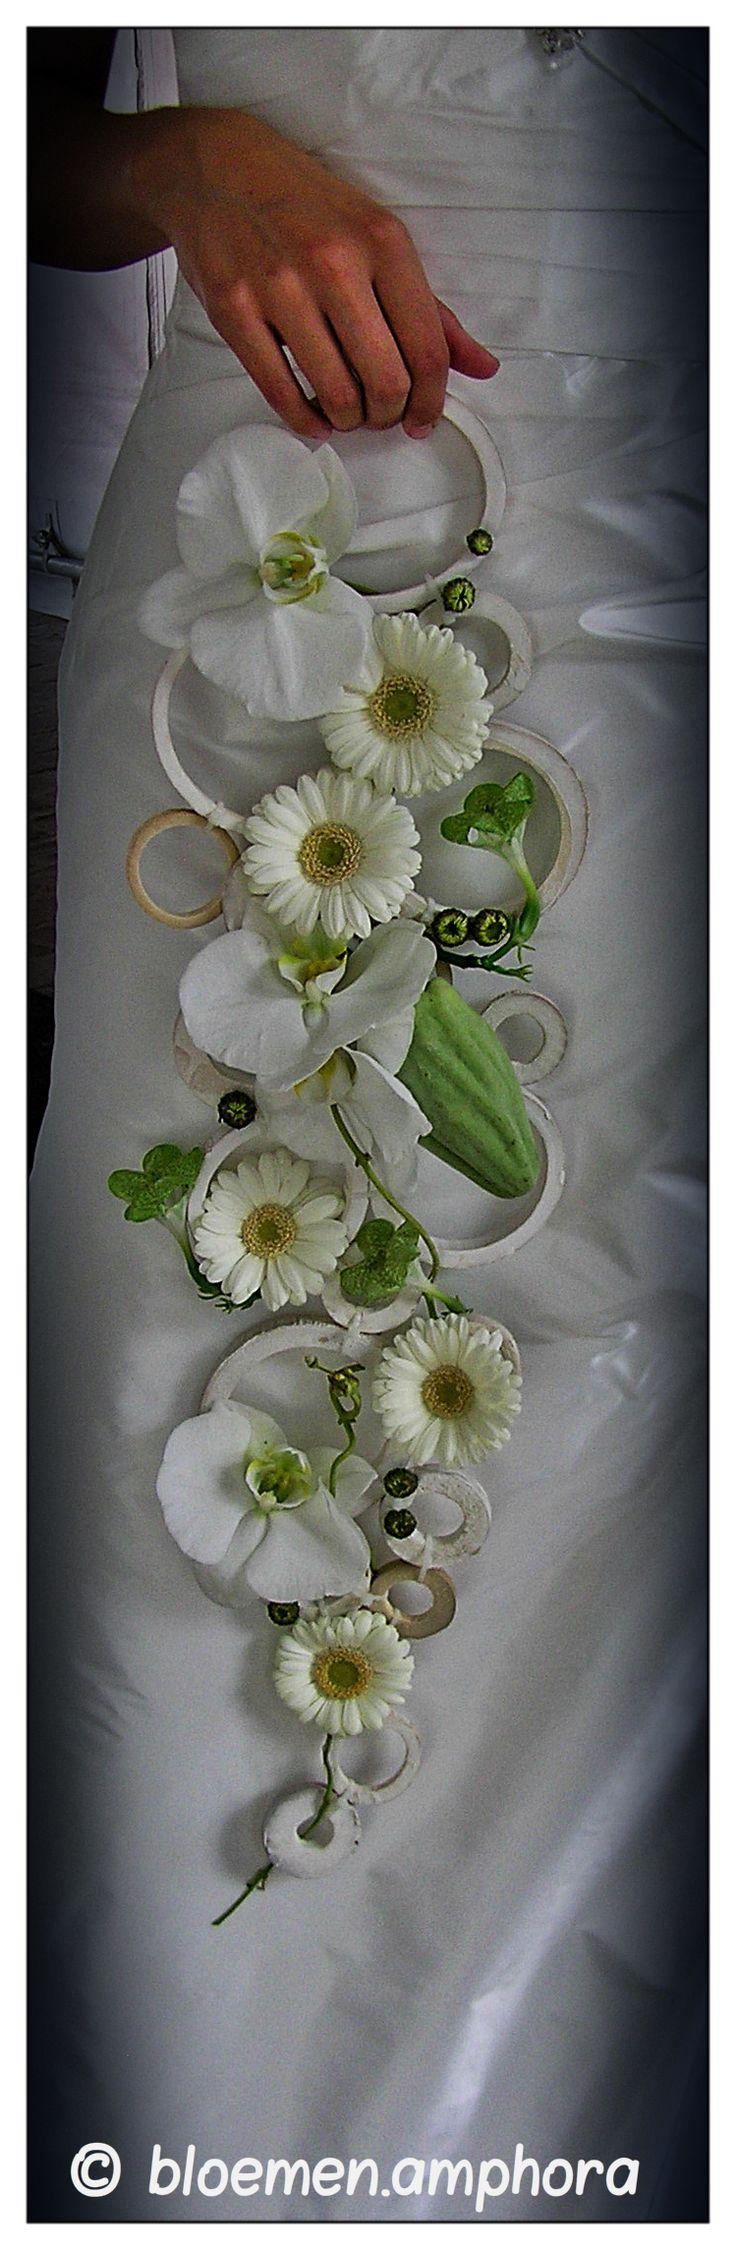 Bruidsboeket amphora aarschot http://www.bloemenamphora.be/a